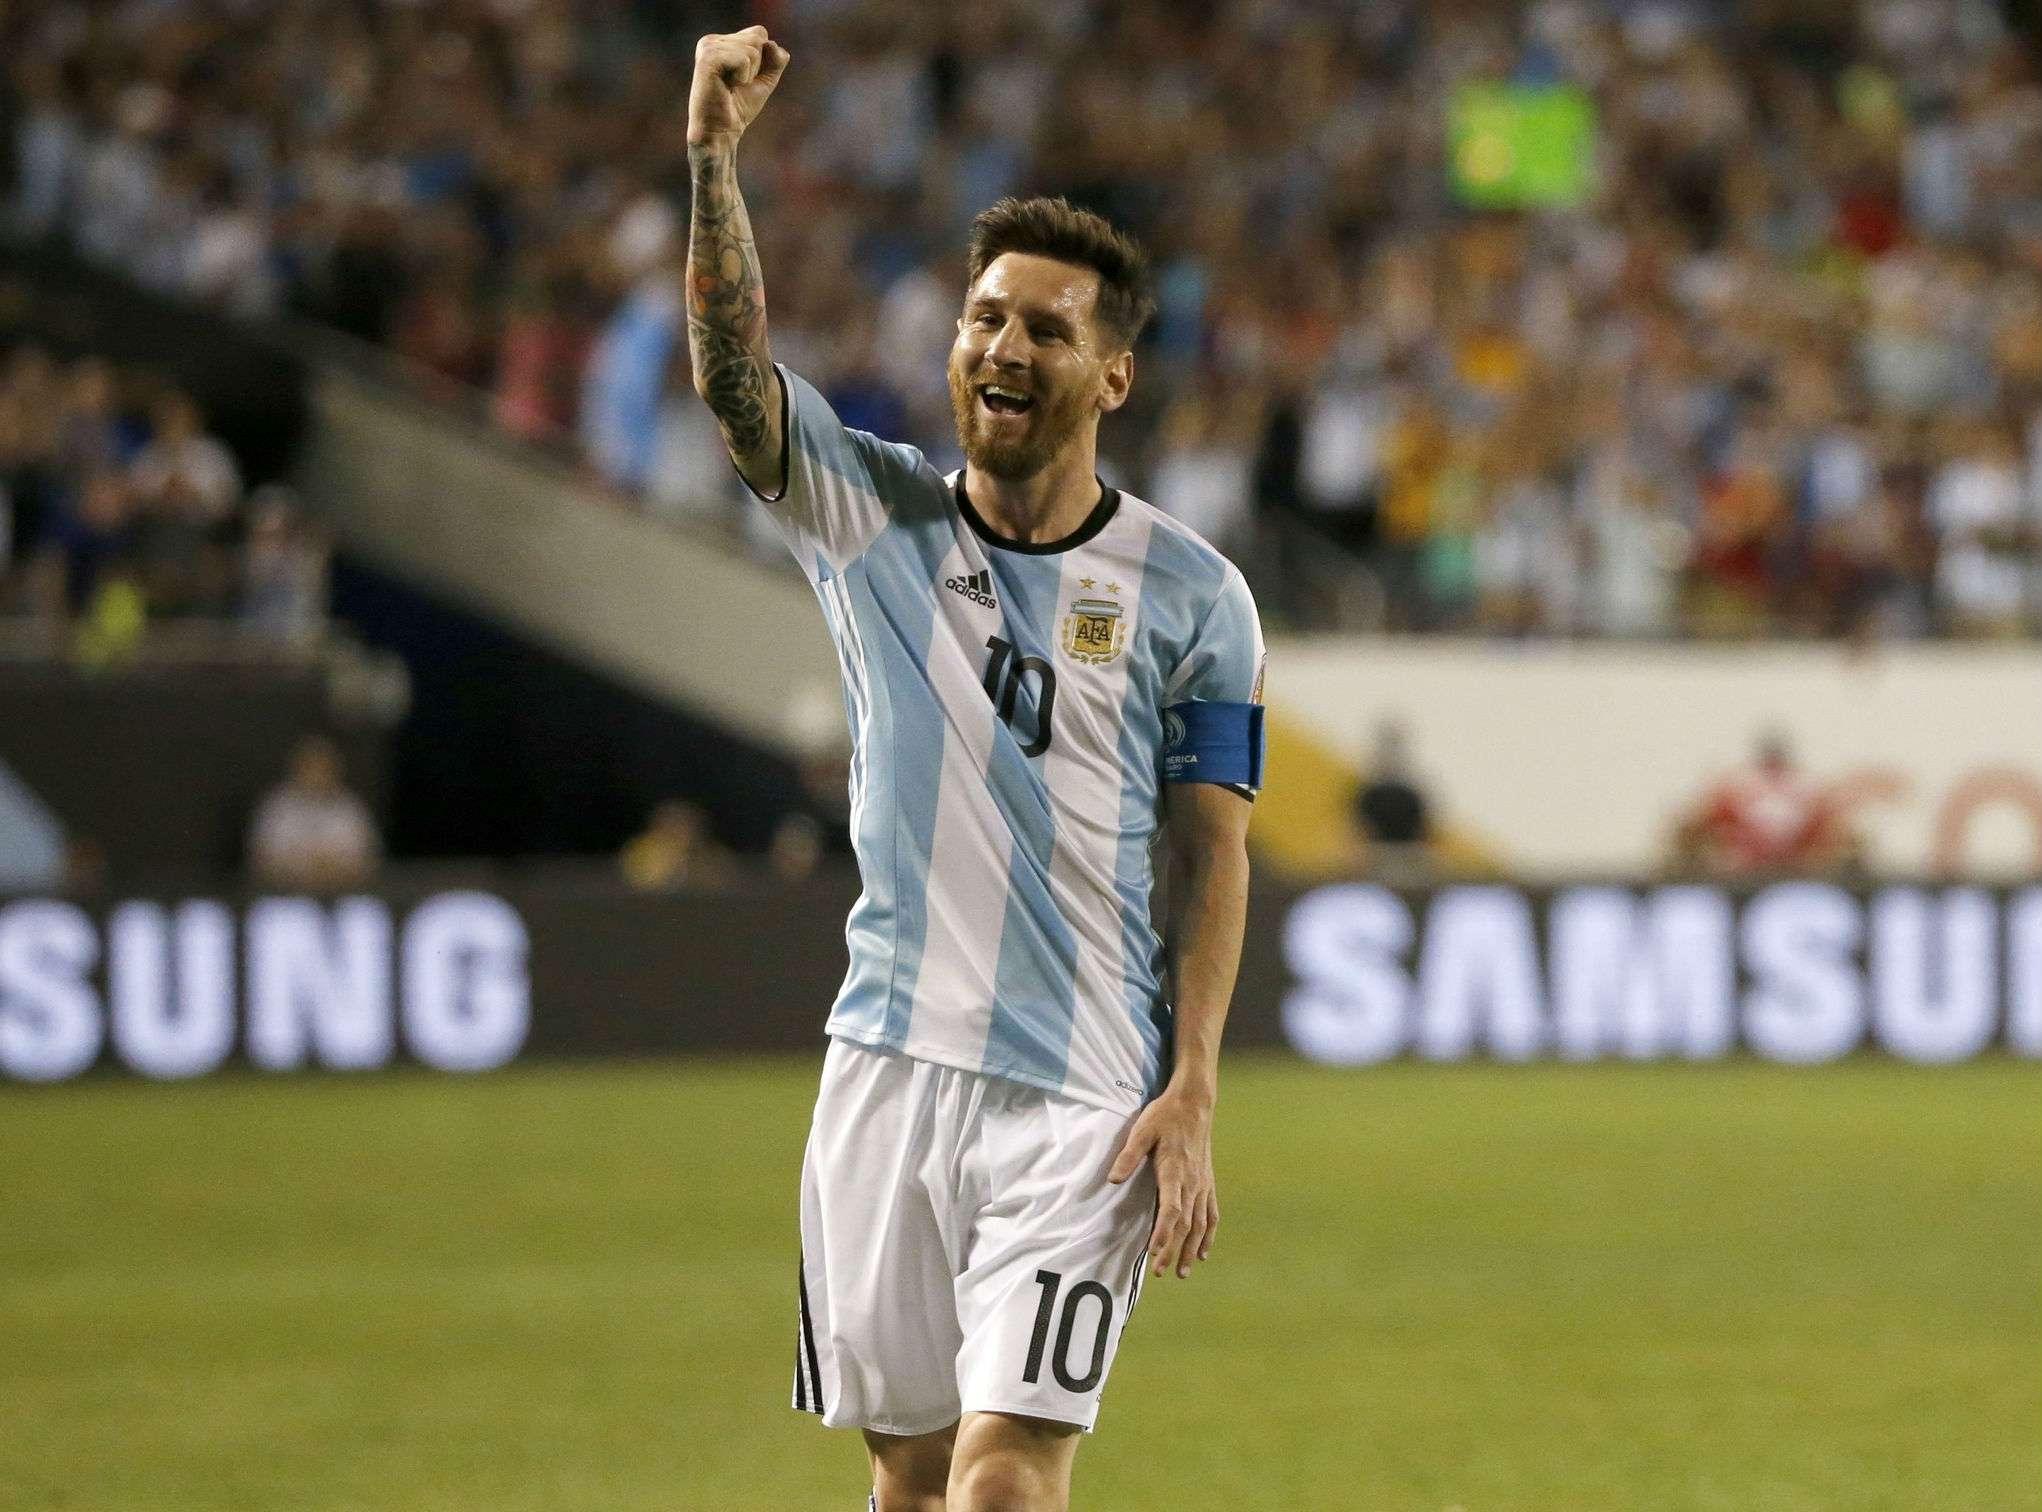 El jugador estrella de la selección de Argentina. Foto: EFE